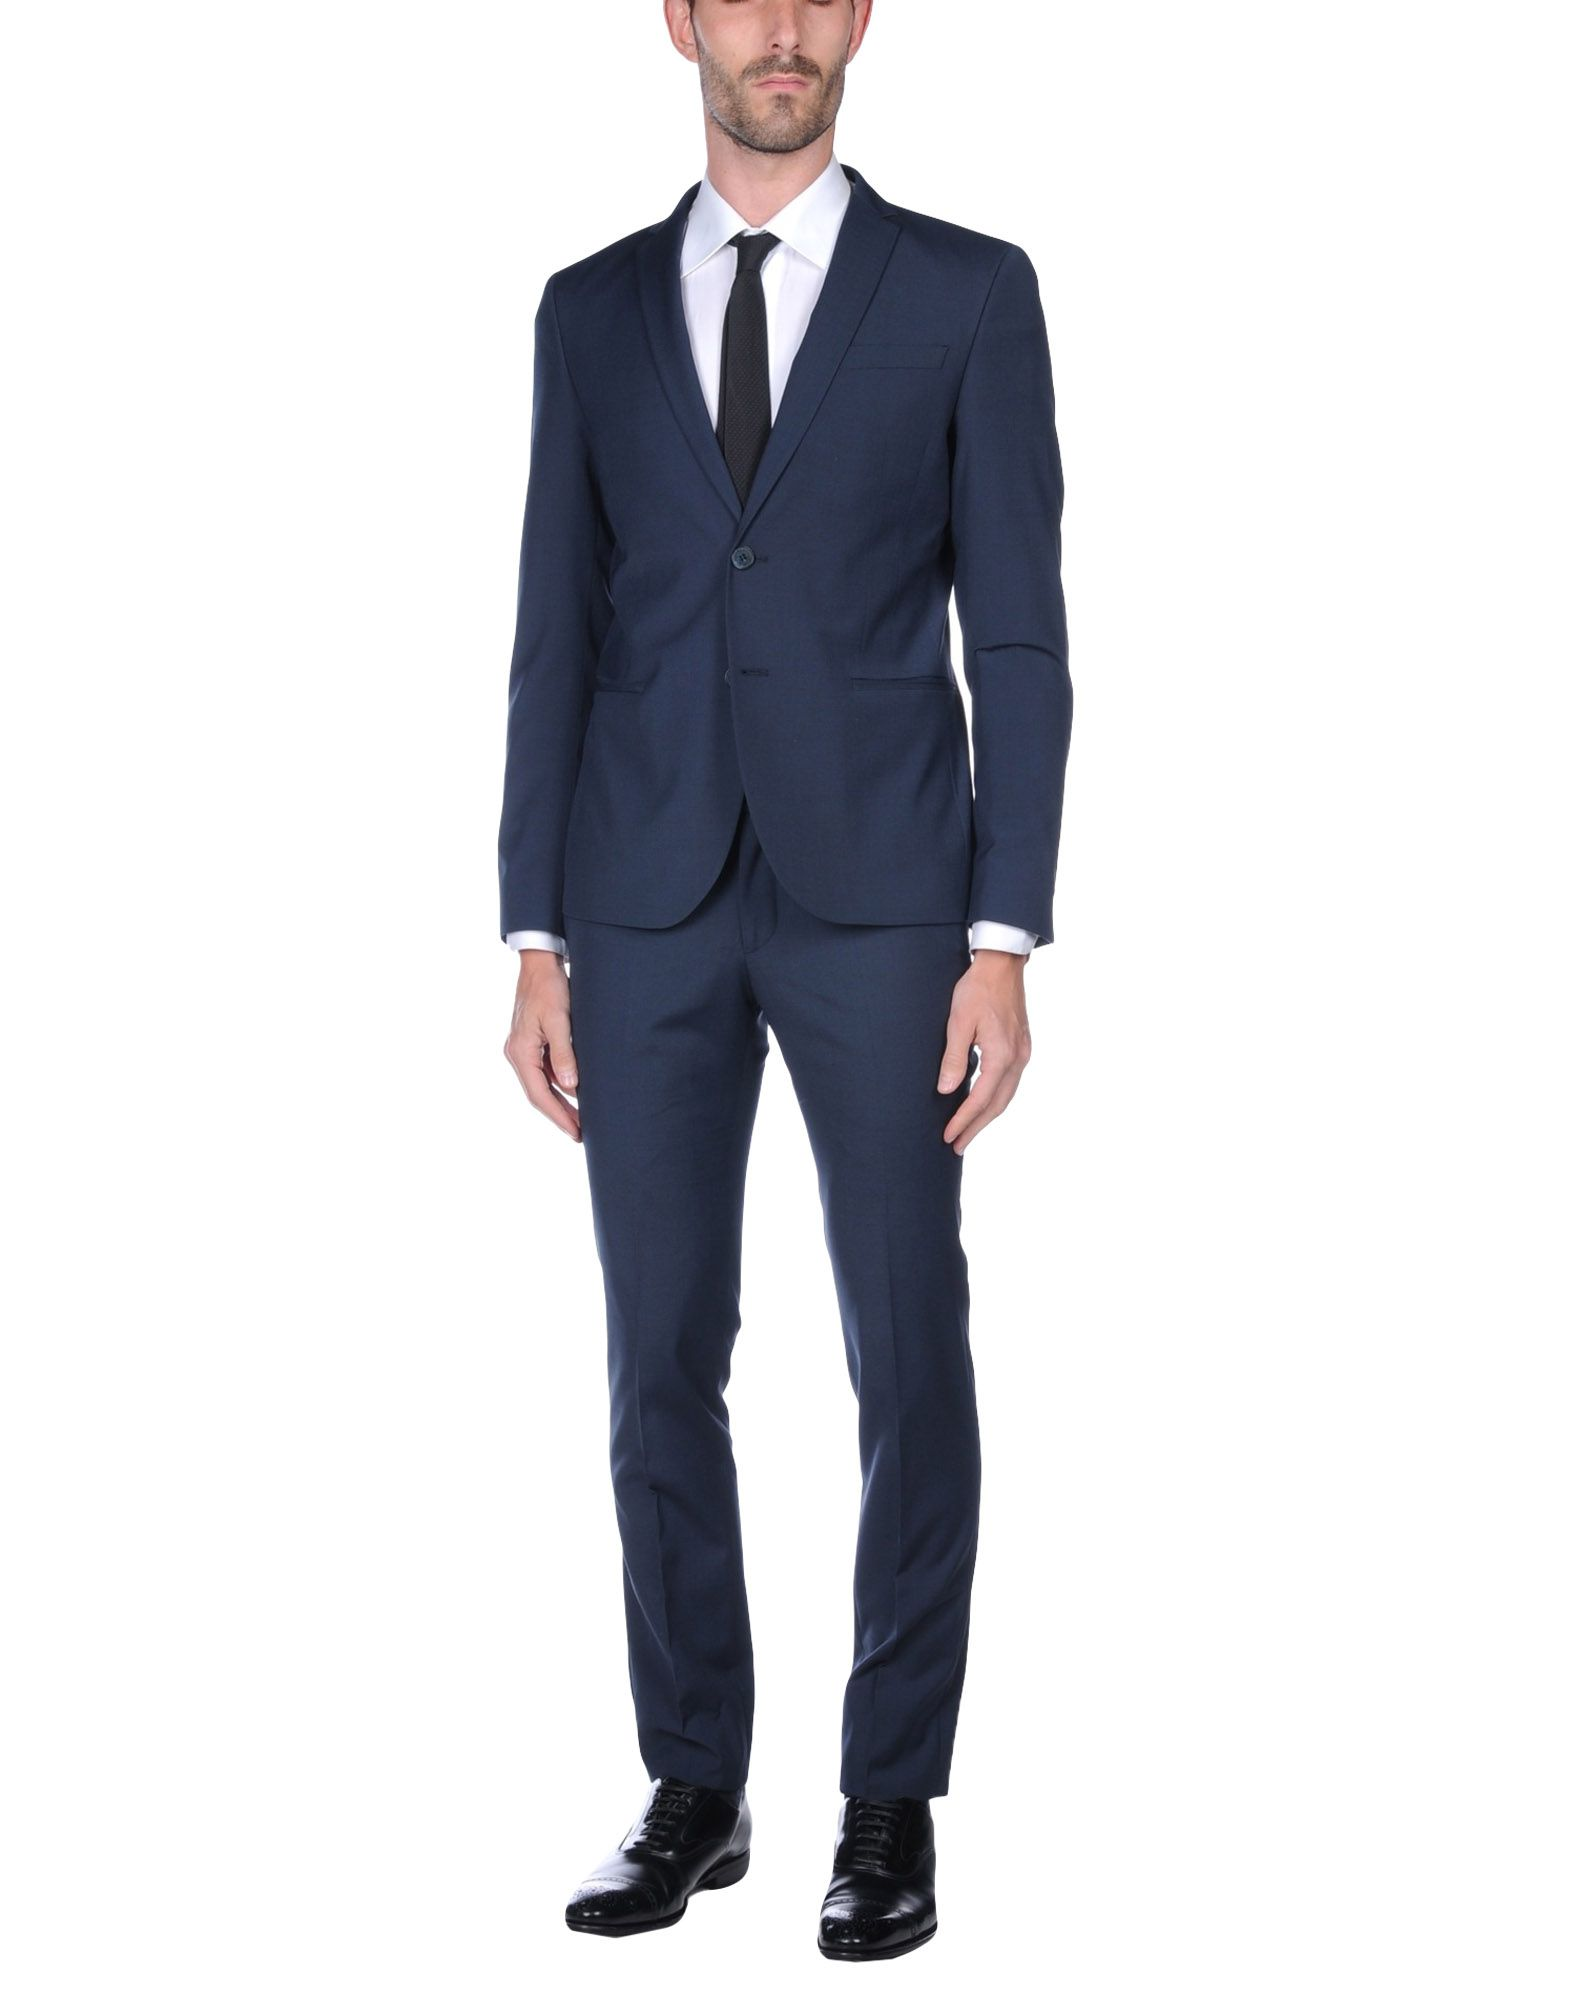 MANUEL RITZ Herren Anzug Farbe Dunkelblau Größe 3 jetztbilligerkaufen